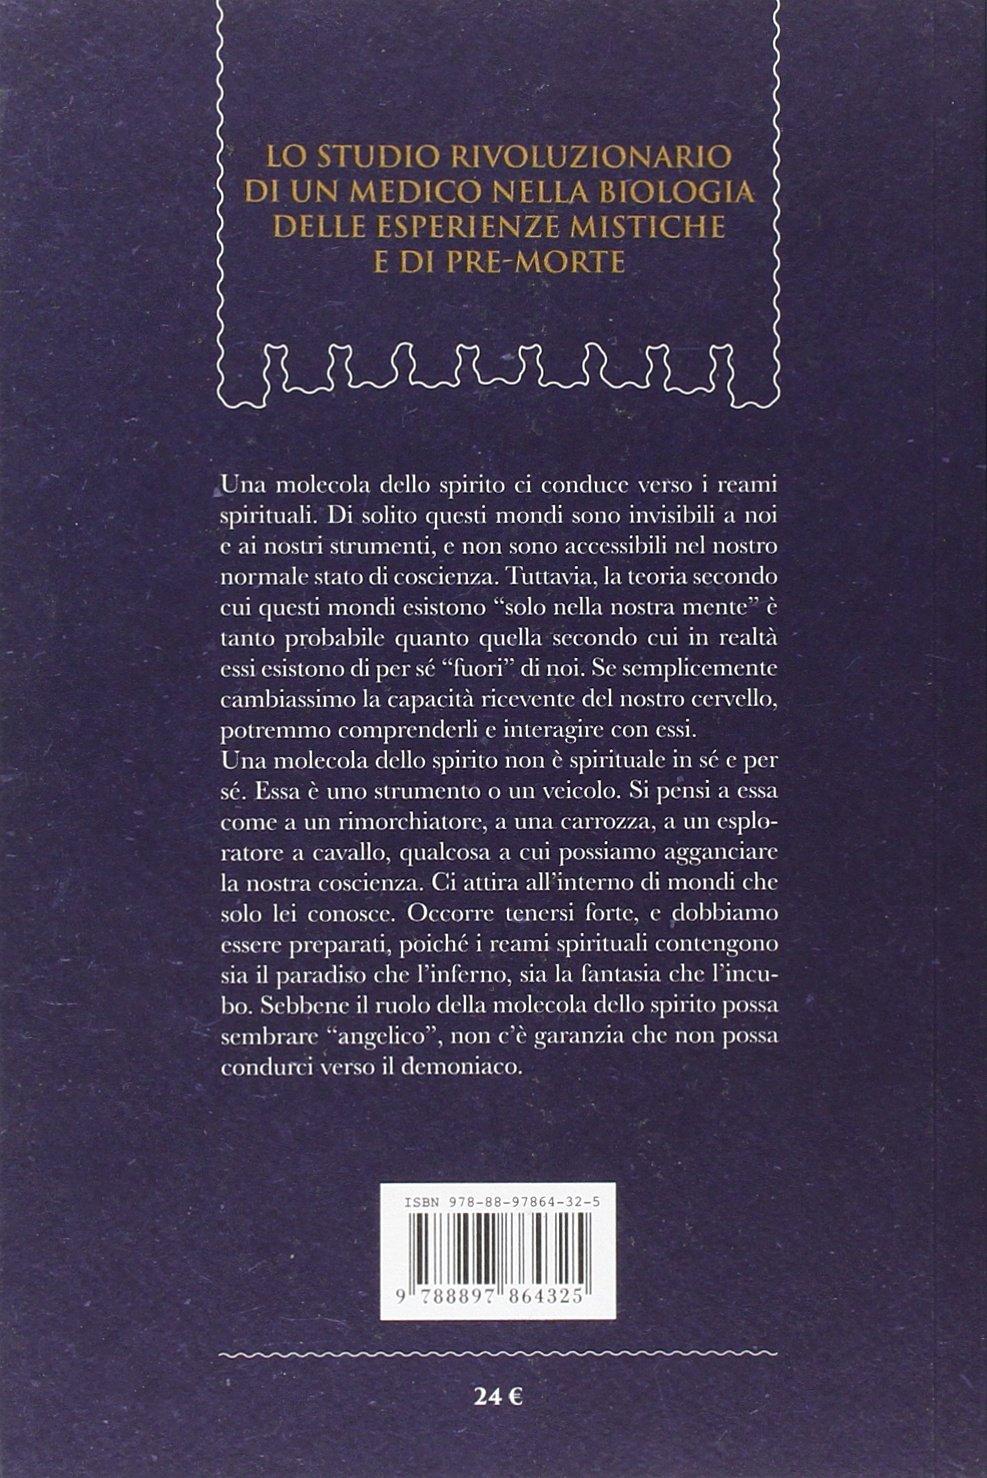 dmt la molecola dello spirito  : DMT. La molecola dello spirito - Rick Strassman, L ...